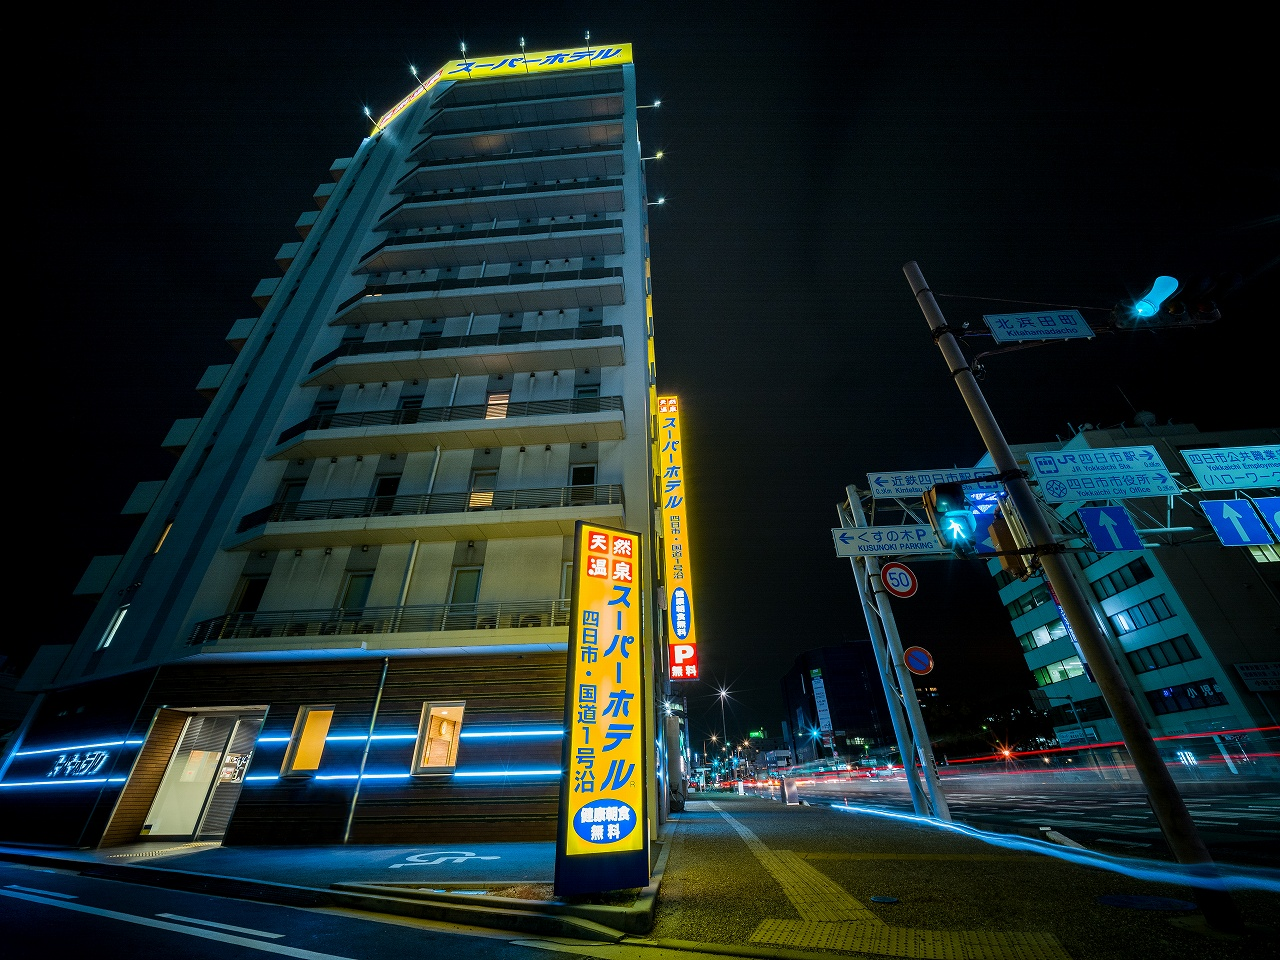 スーパー ホテル 四日市 駅